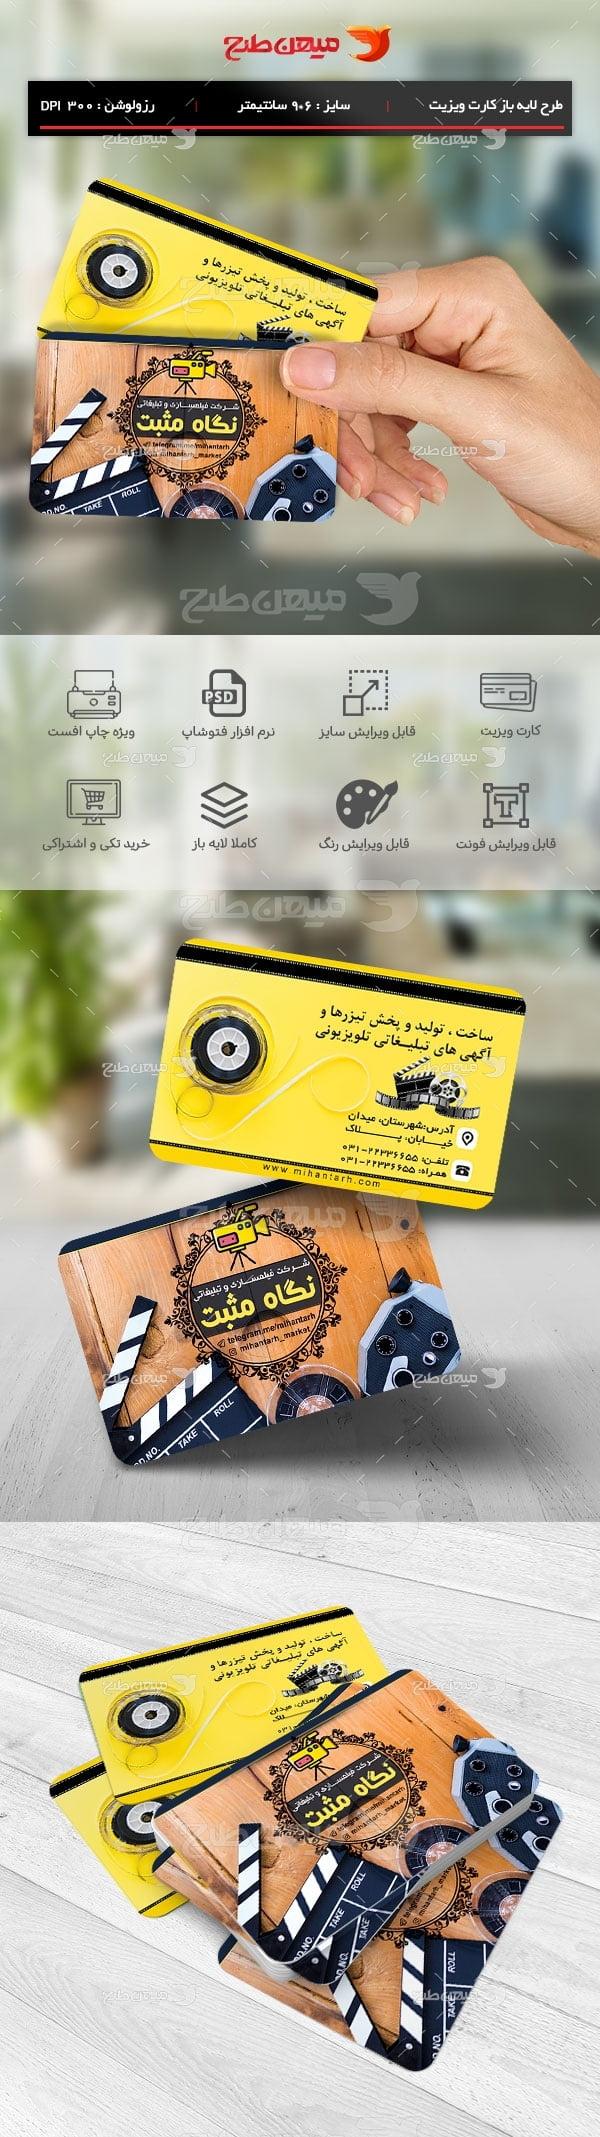 طرح لایه باز کارت ویزیت شرکت فیلمسازی و تبلیغاتی نگاه مثبت